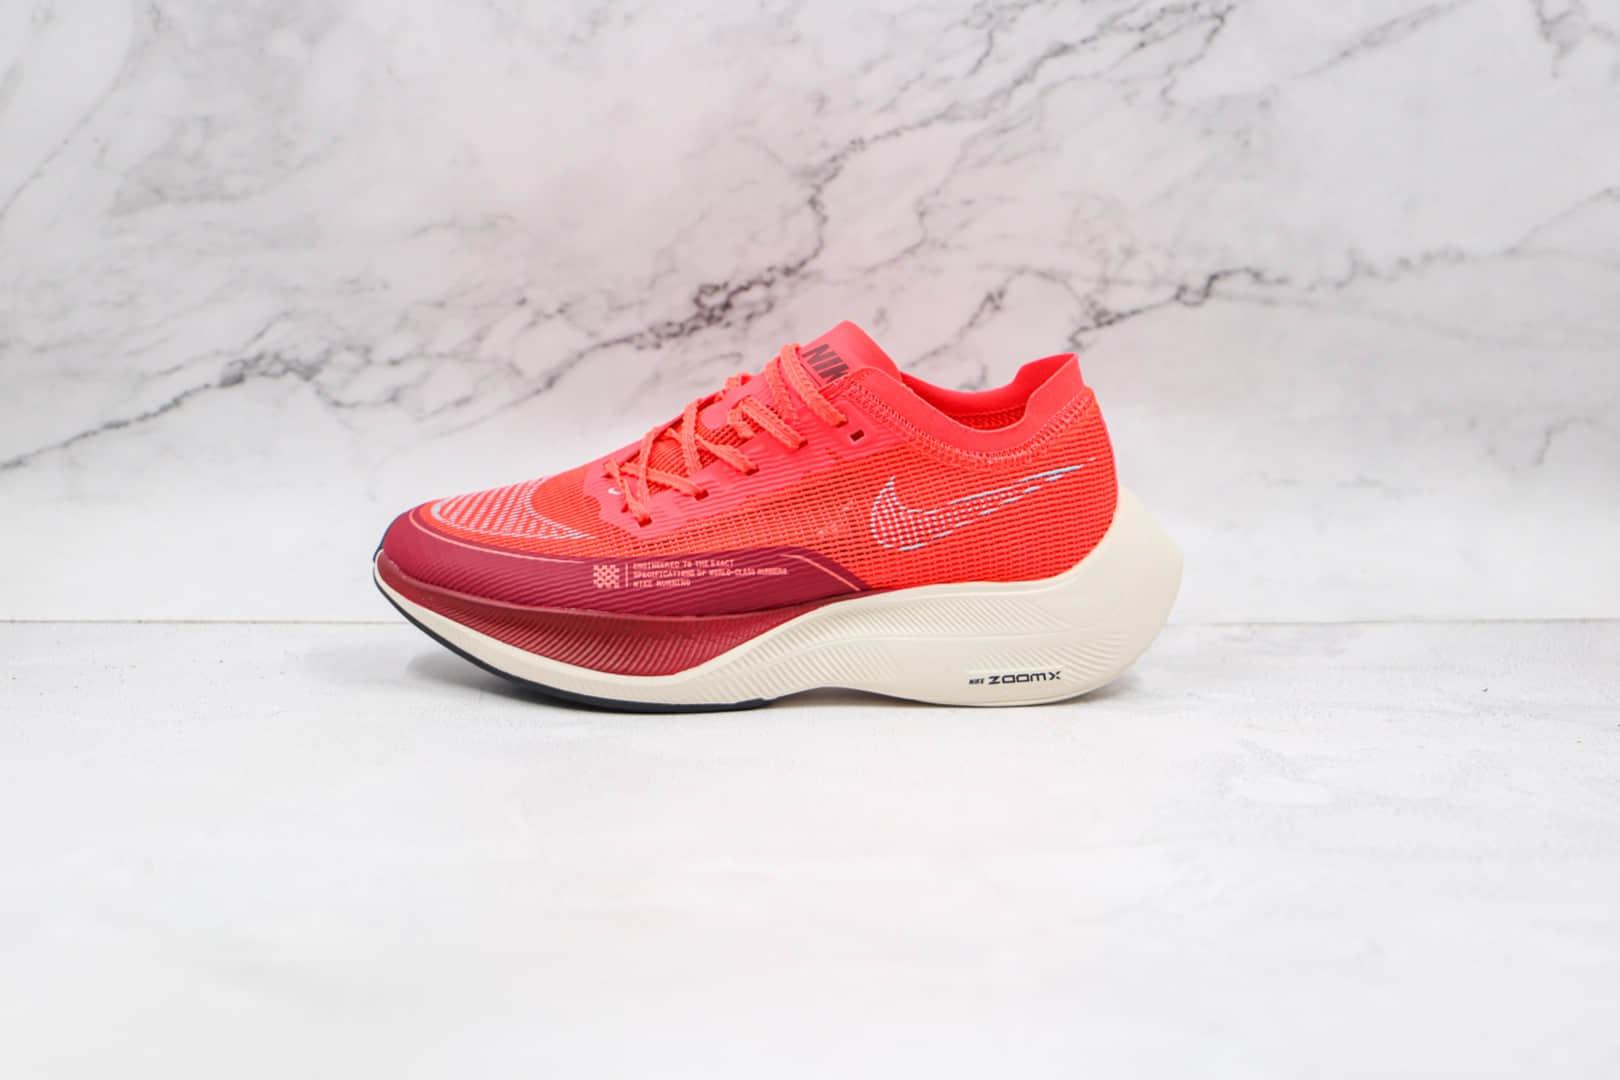 耐克Nike Air Zoom Alphafly NEXT%纯原版本马拉松next%红色慢跑鞋原楦头纸板打造 货号:CU4123-600